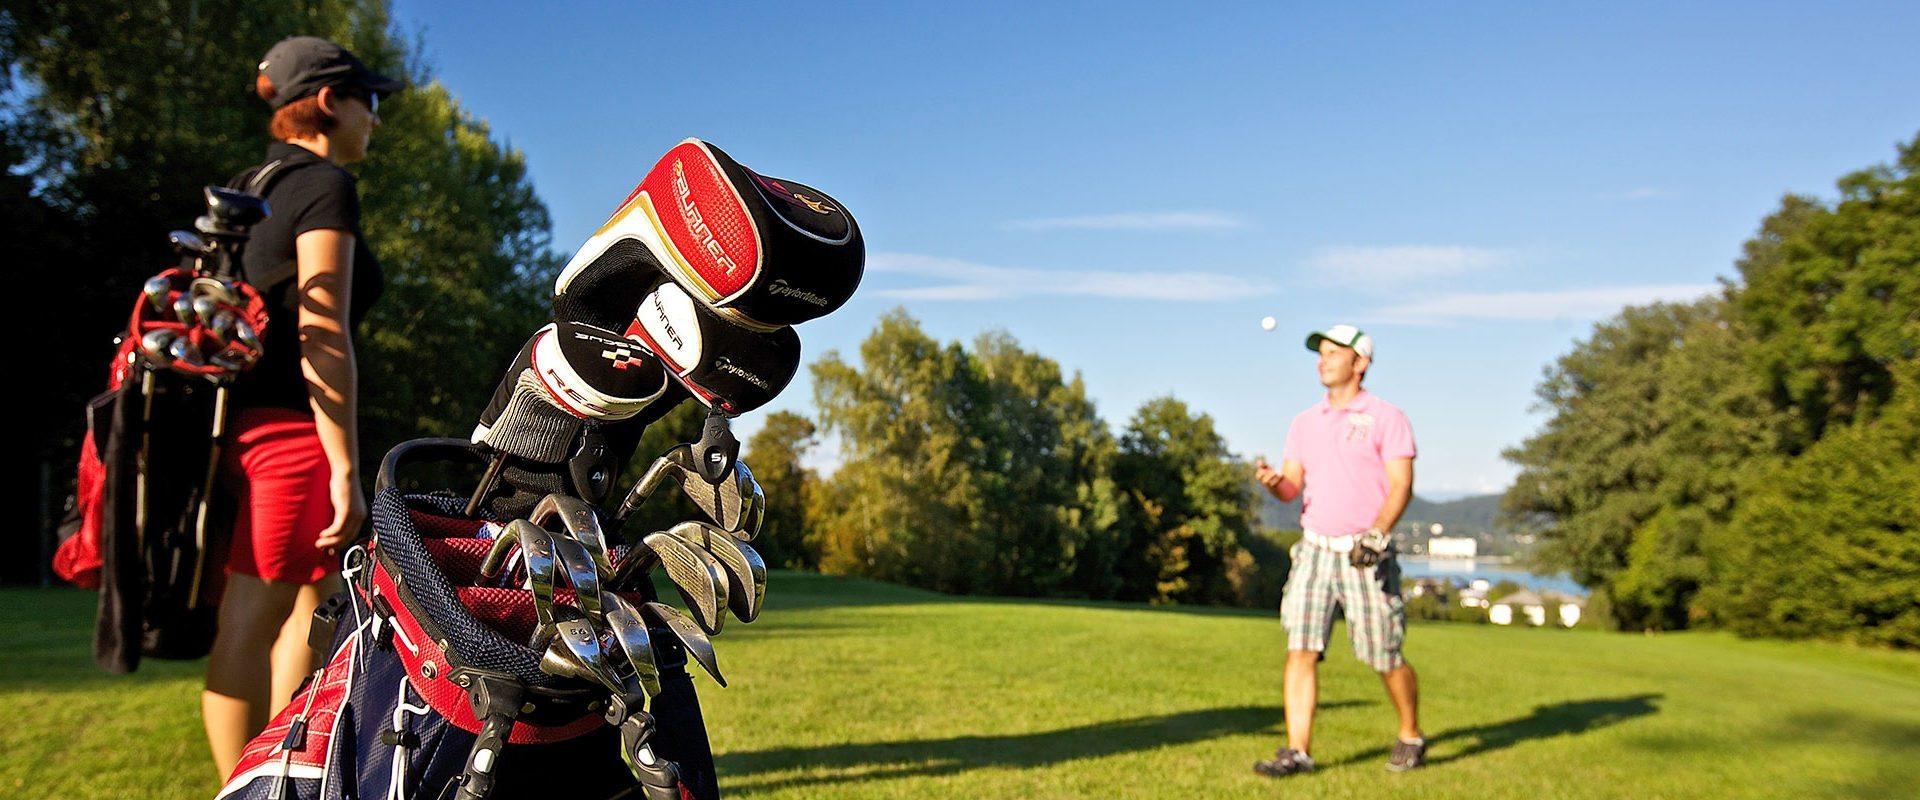 Golf am Wörthersee, Sommerurlaub in Kärnten